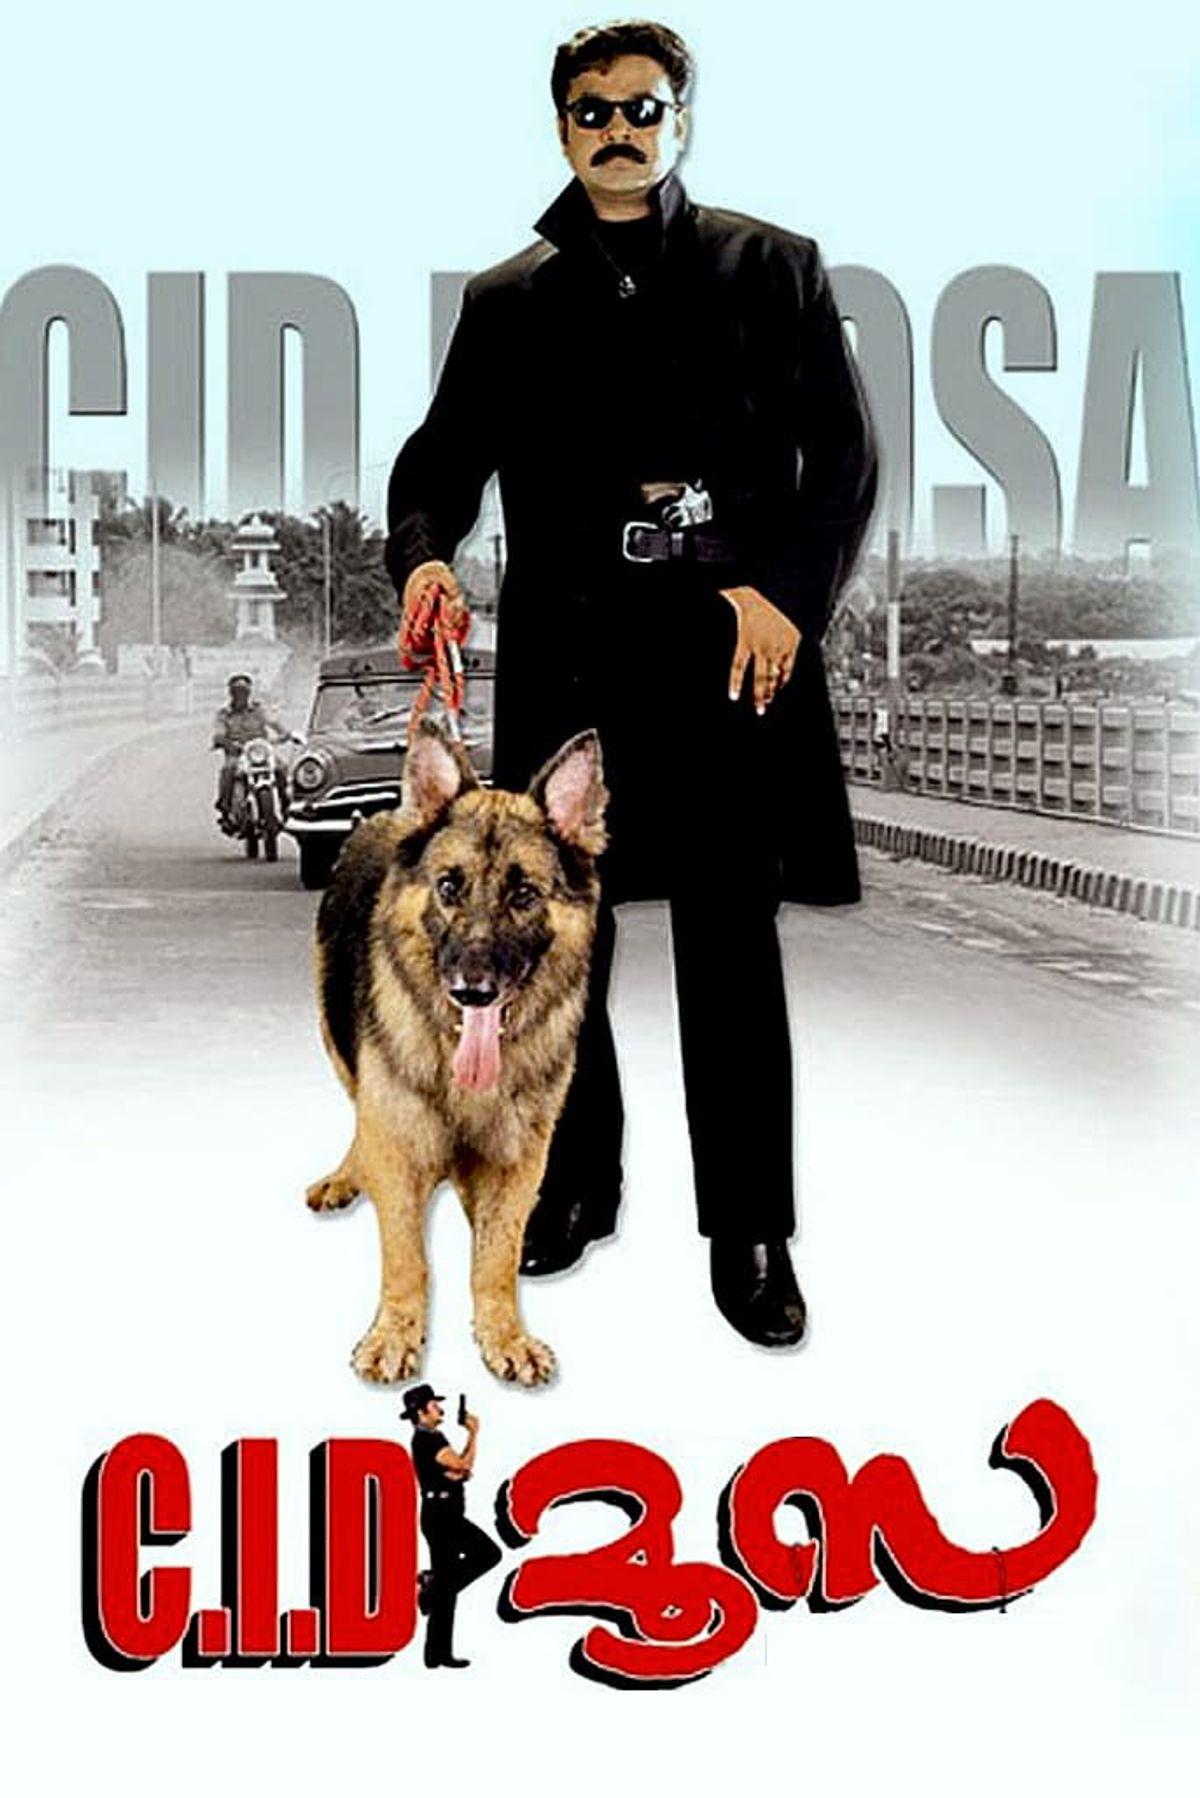 Oduvil Unnikrishnan Best Movies, TV Shows and Web Series List